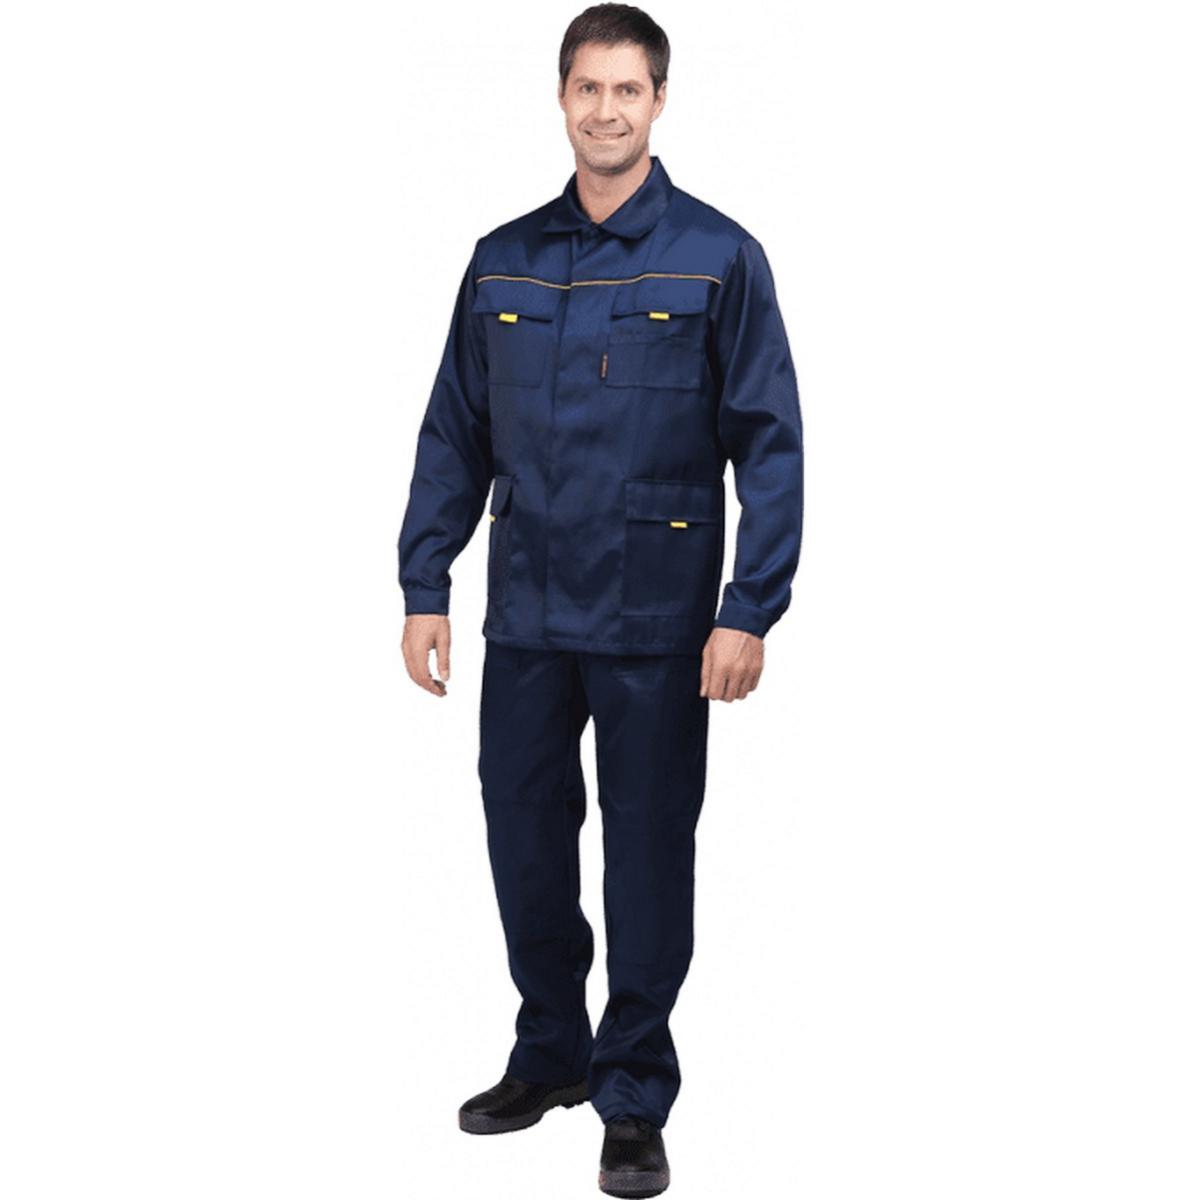 Костюм ВЫМПЕЛ-2 т/синий (куртка+п/к)  (разм. 88-92 рост 182-188)